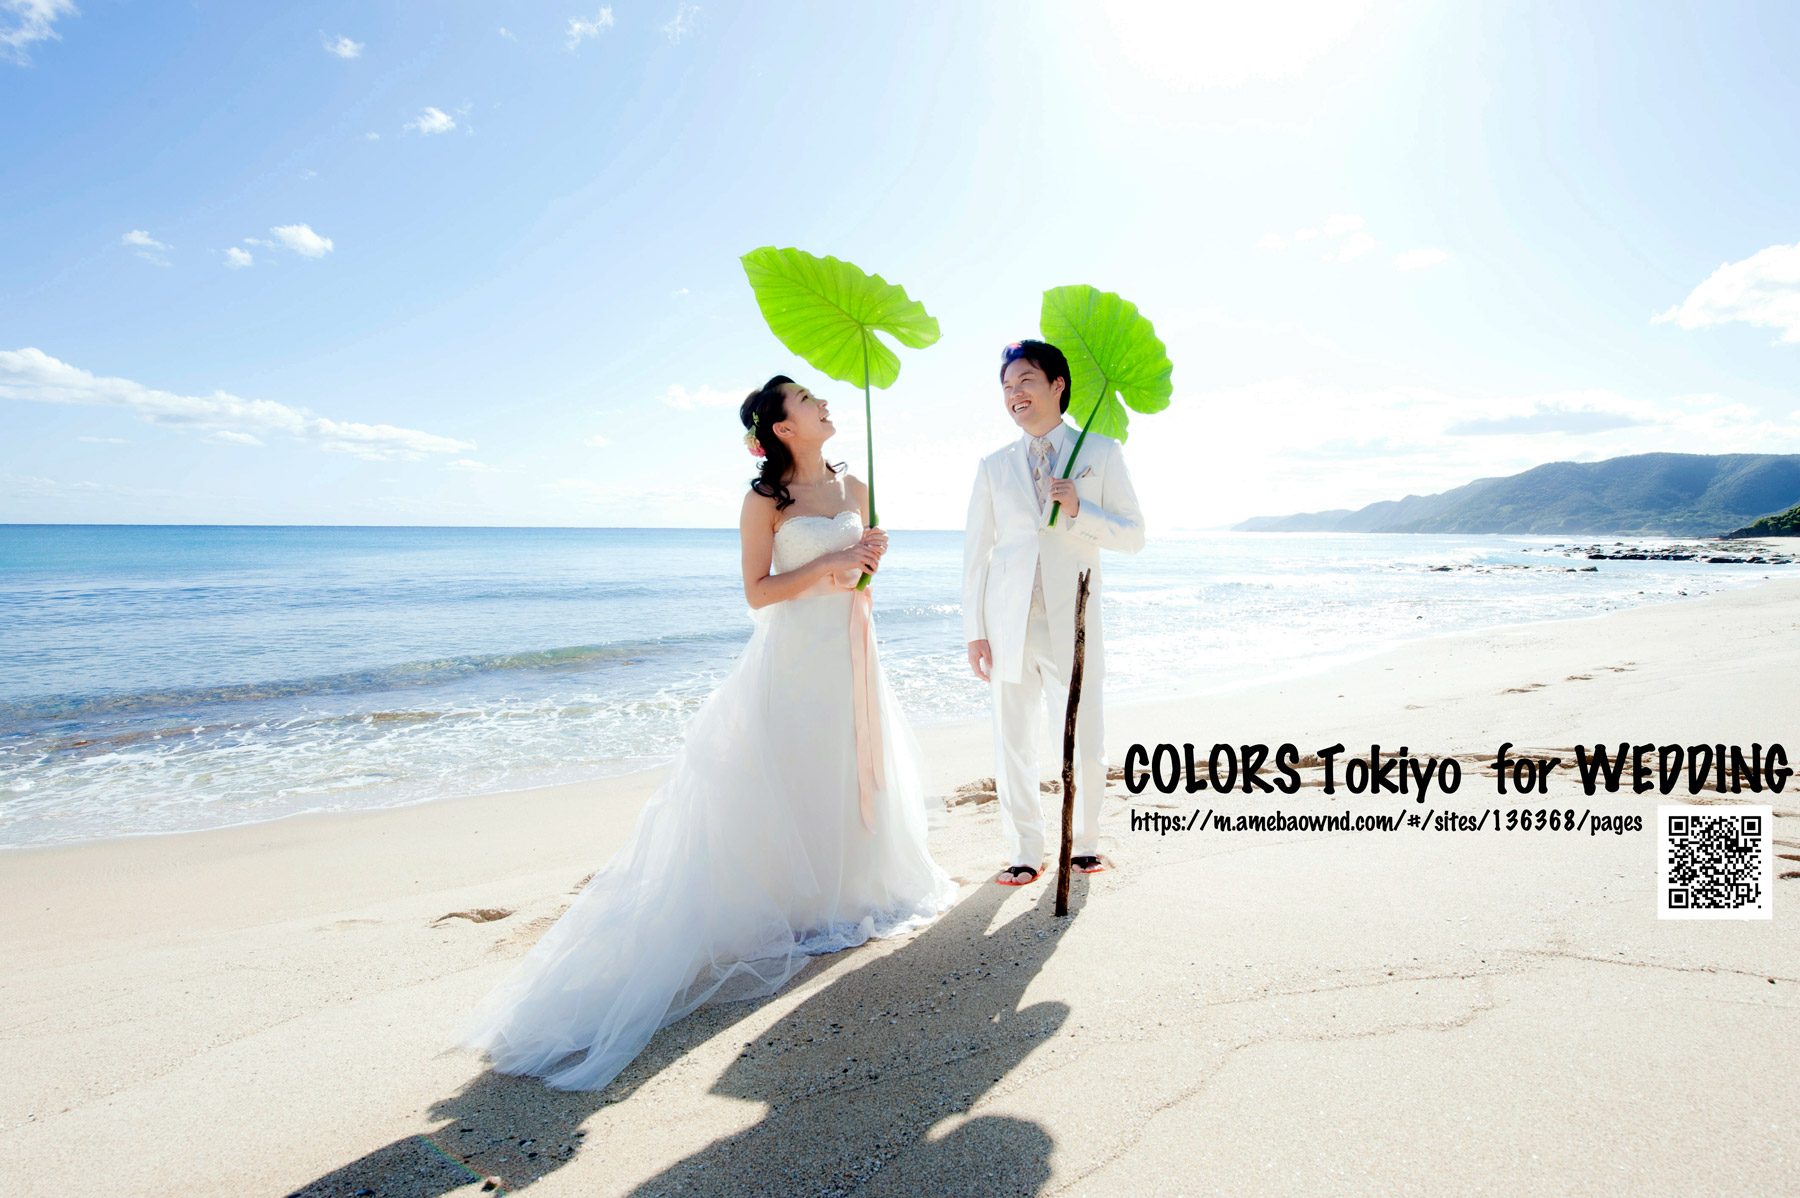 COLORS Tokiyo for WEDDING